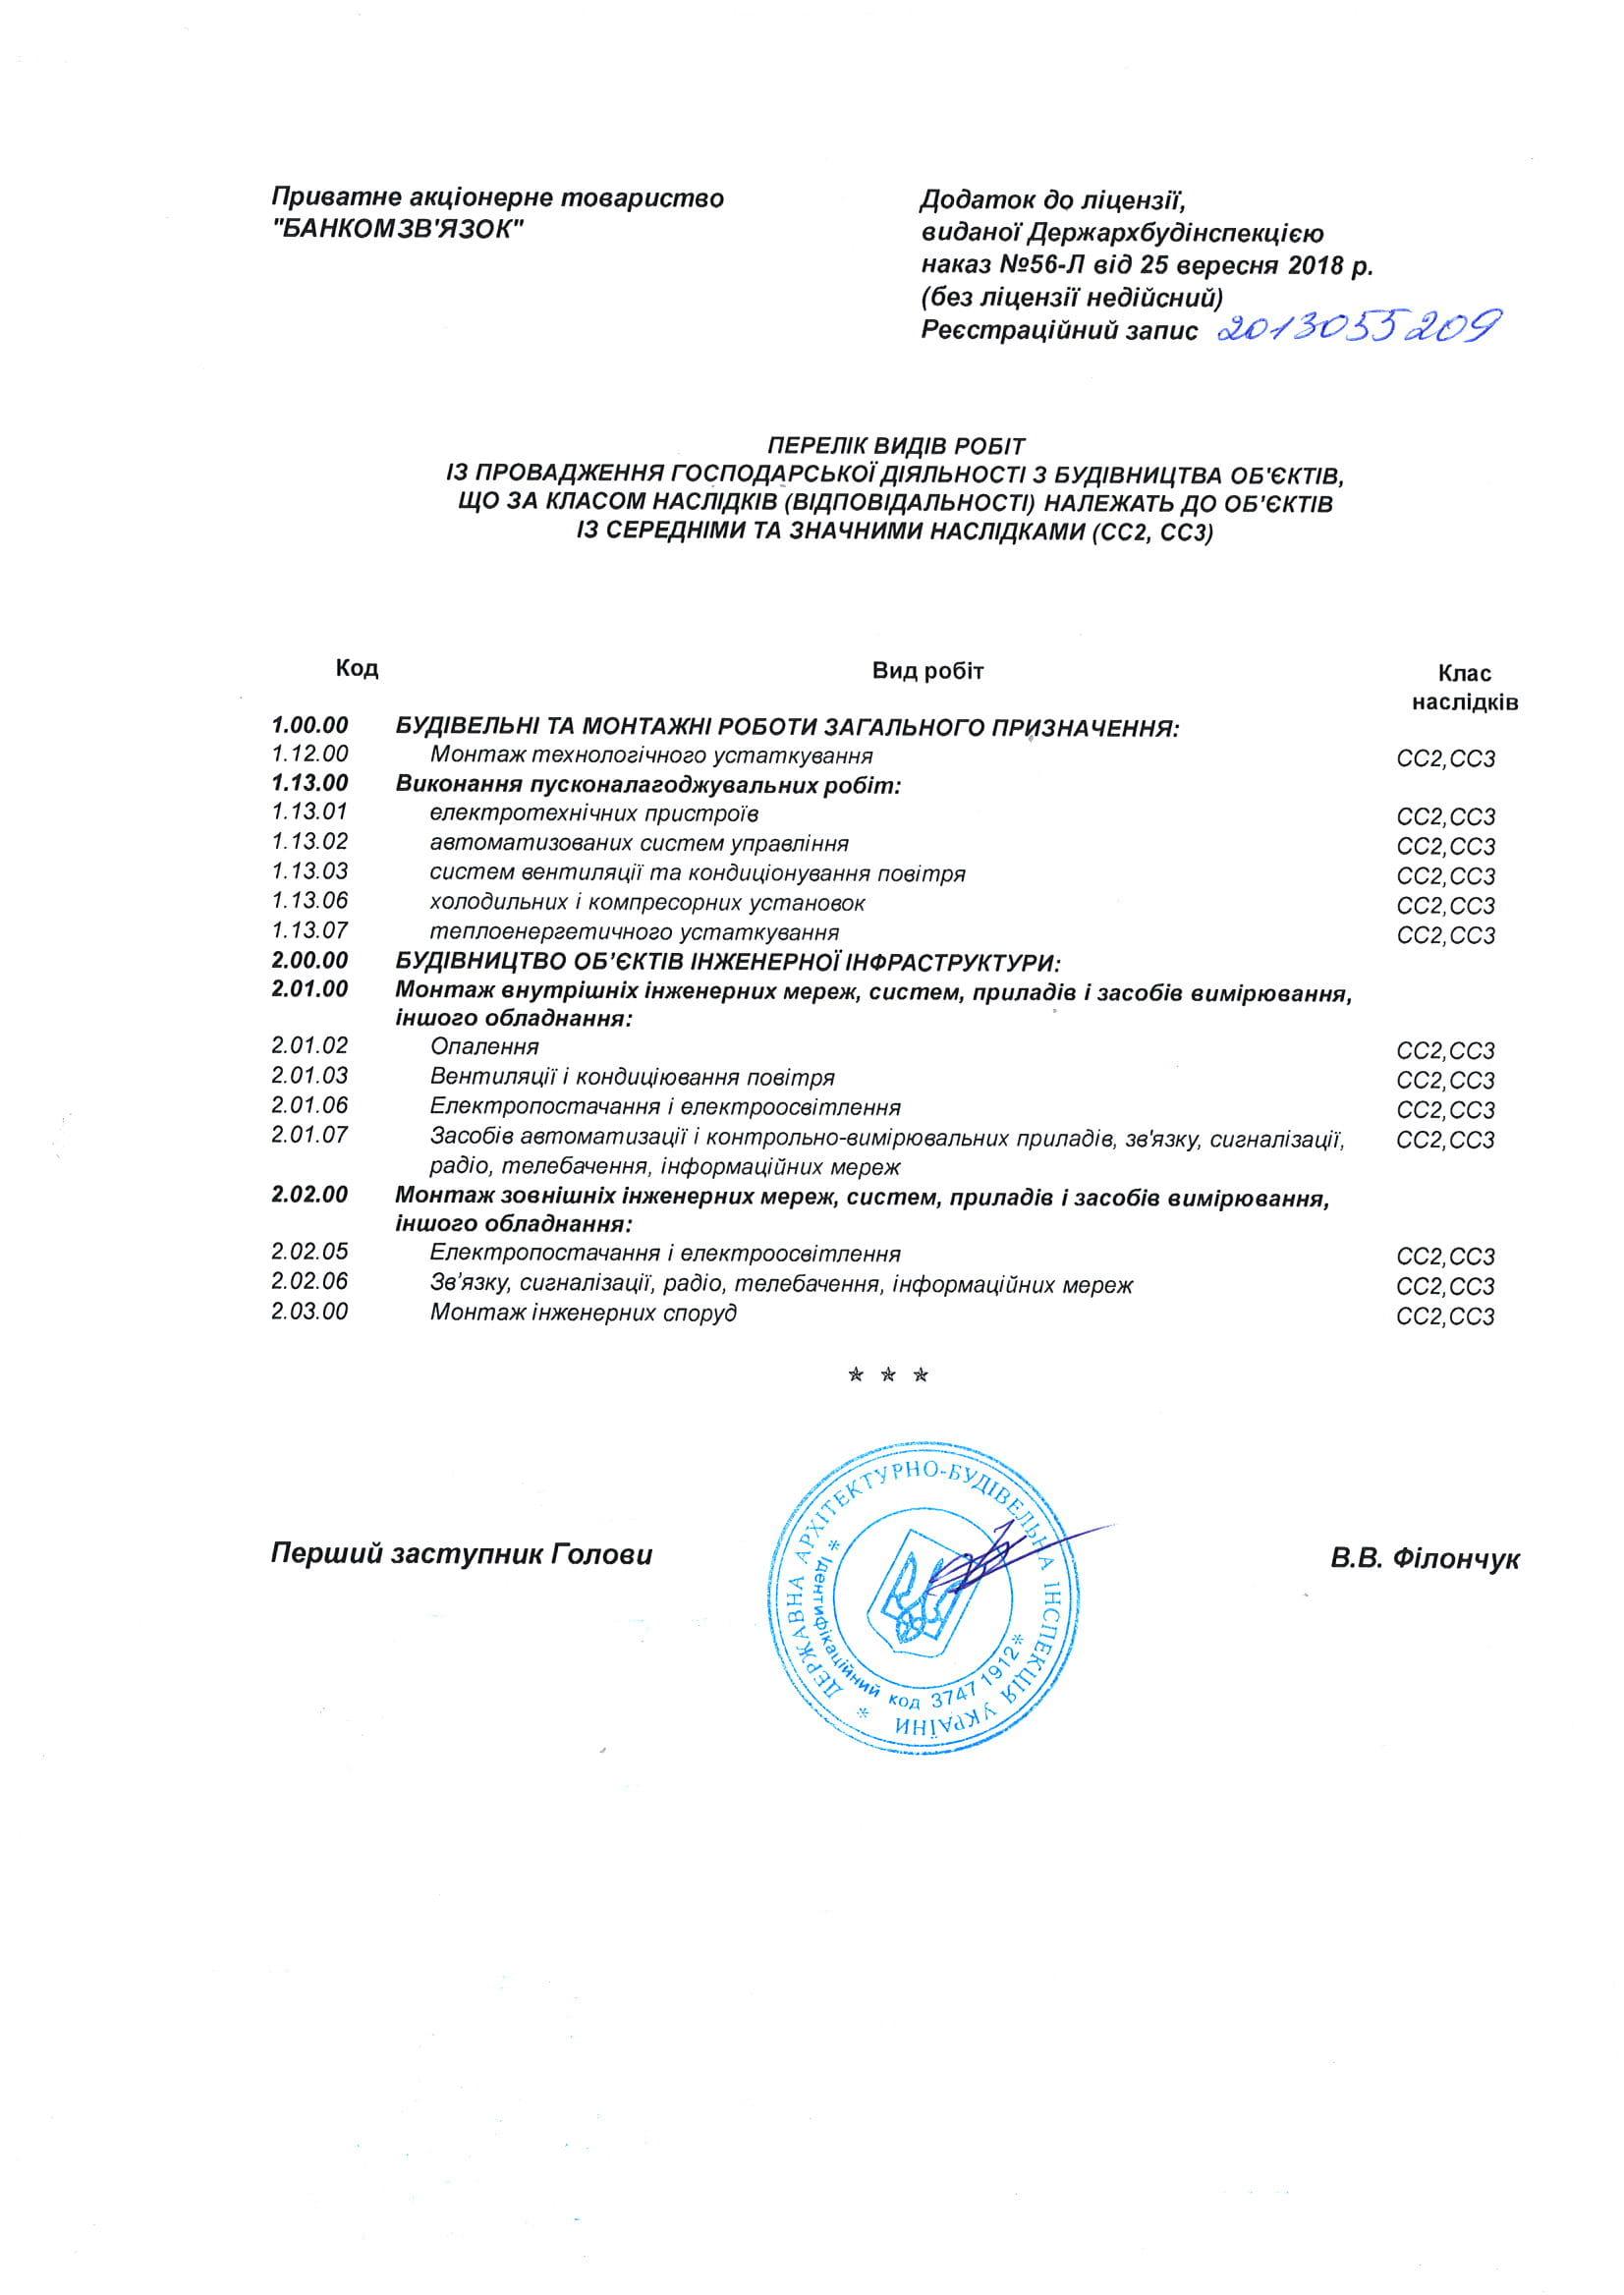 Certificate_5.1